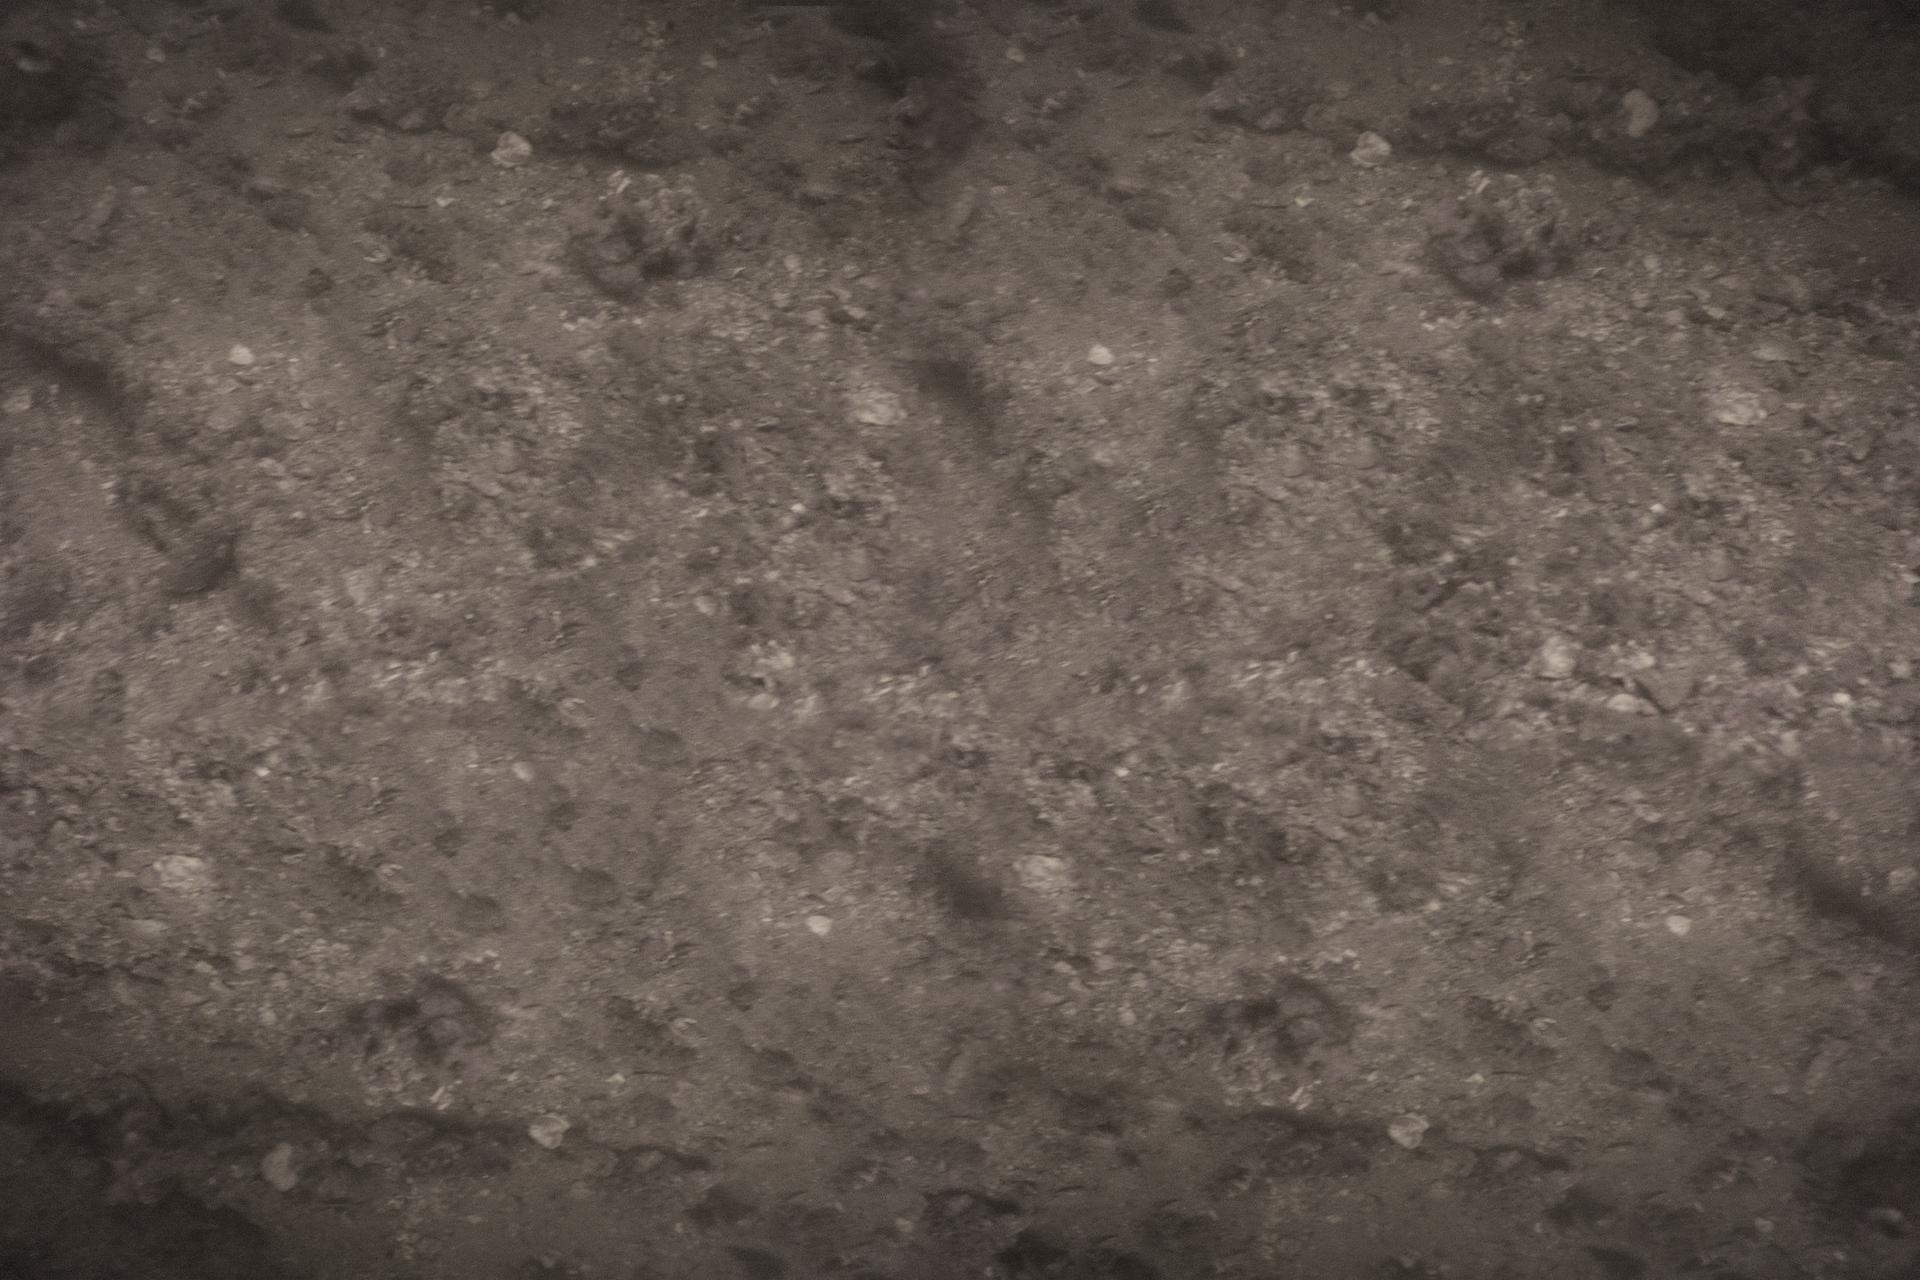 Fotografia dna jeziora eutroficznego: nieprzejrzysta woda, brak roślin